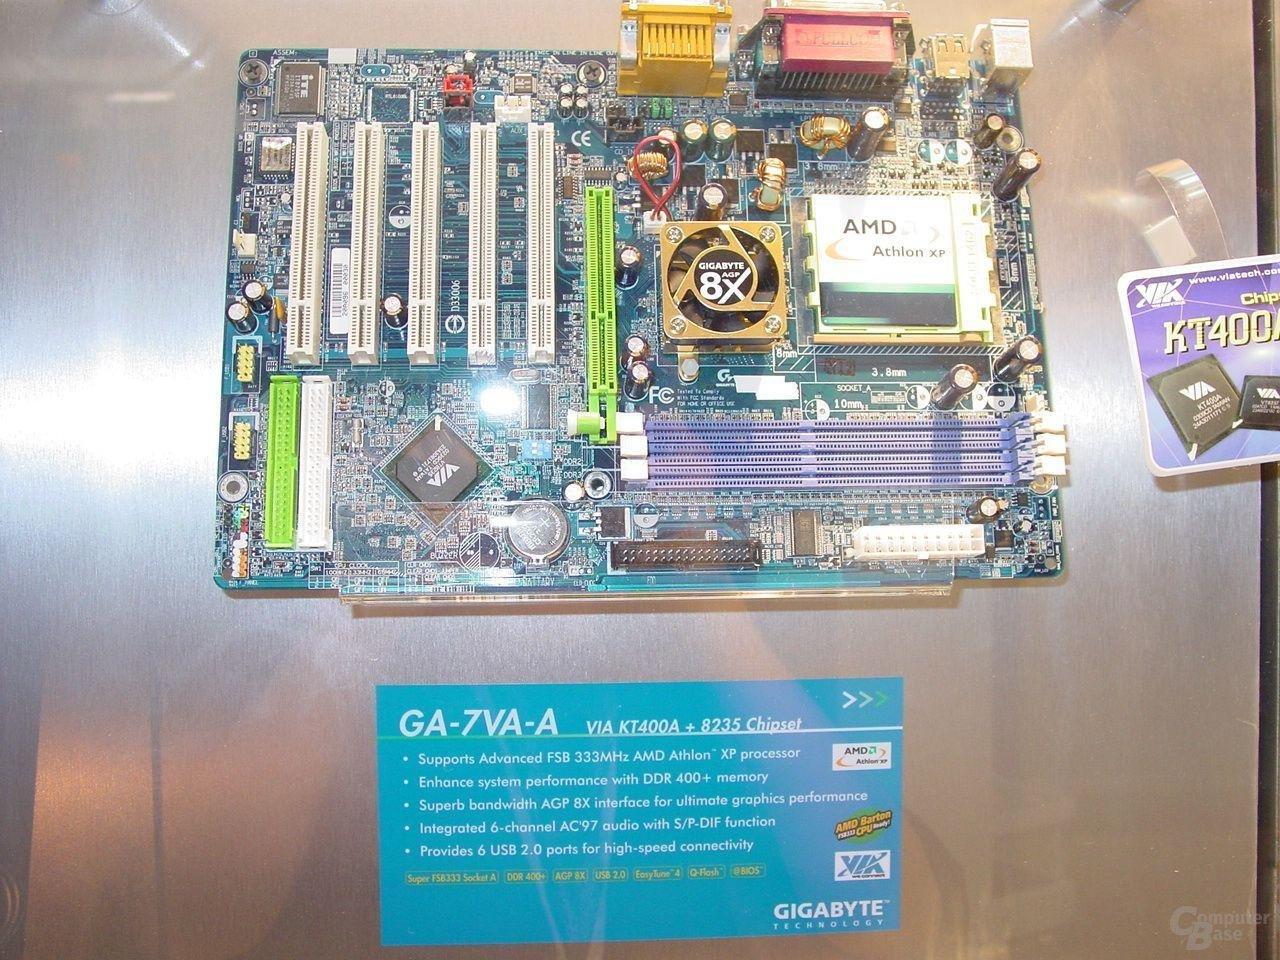 GA-7VA-A